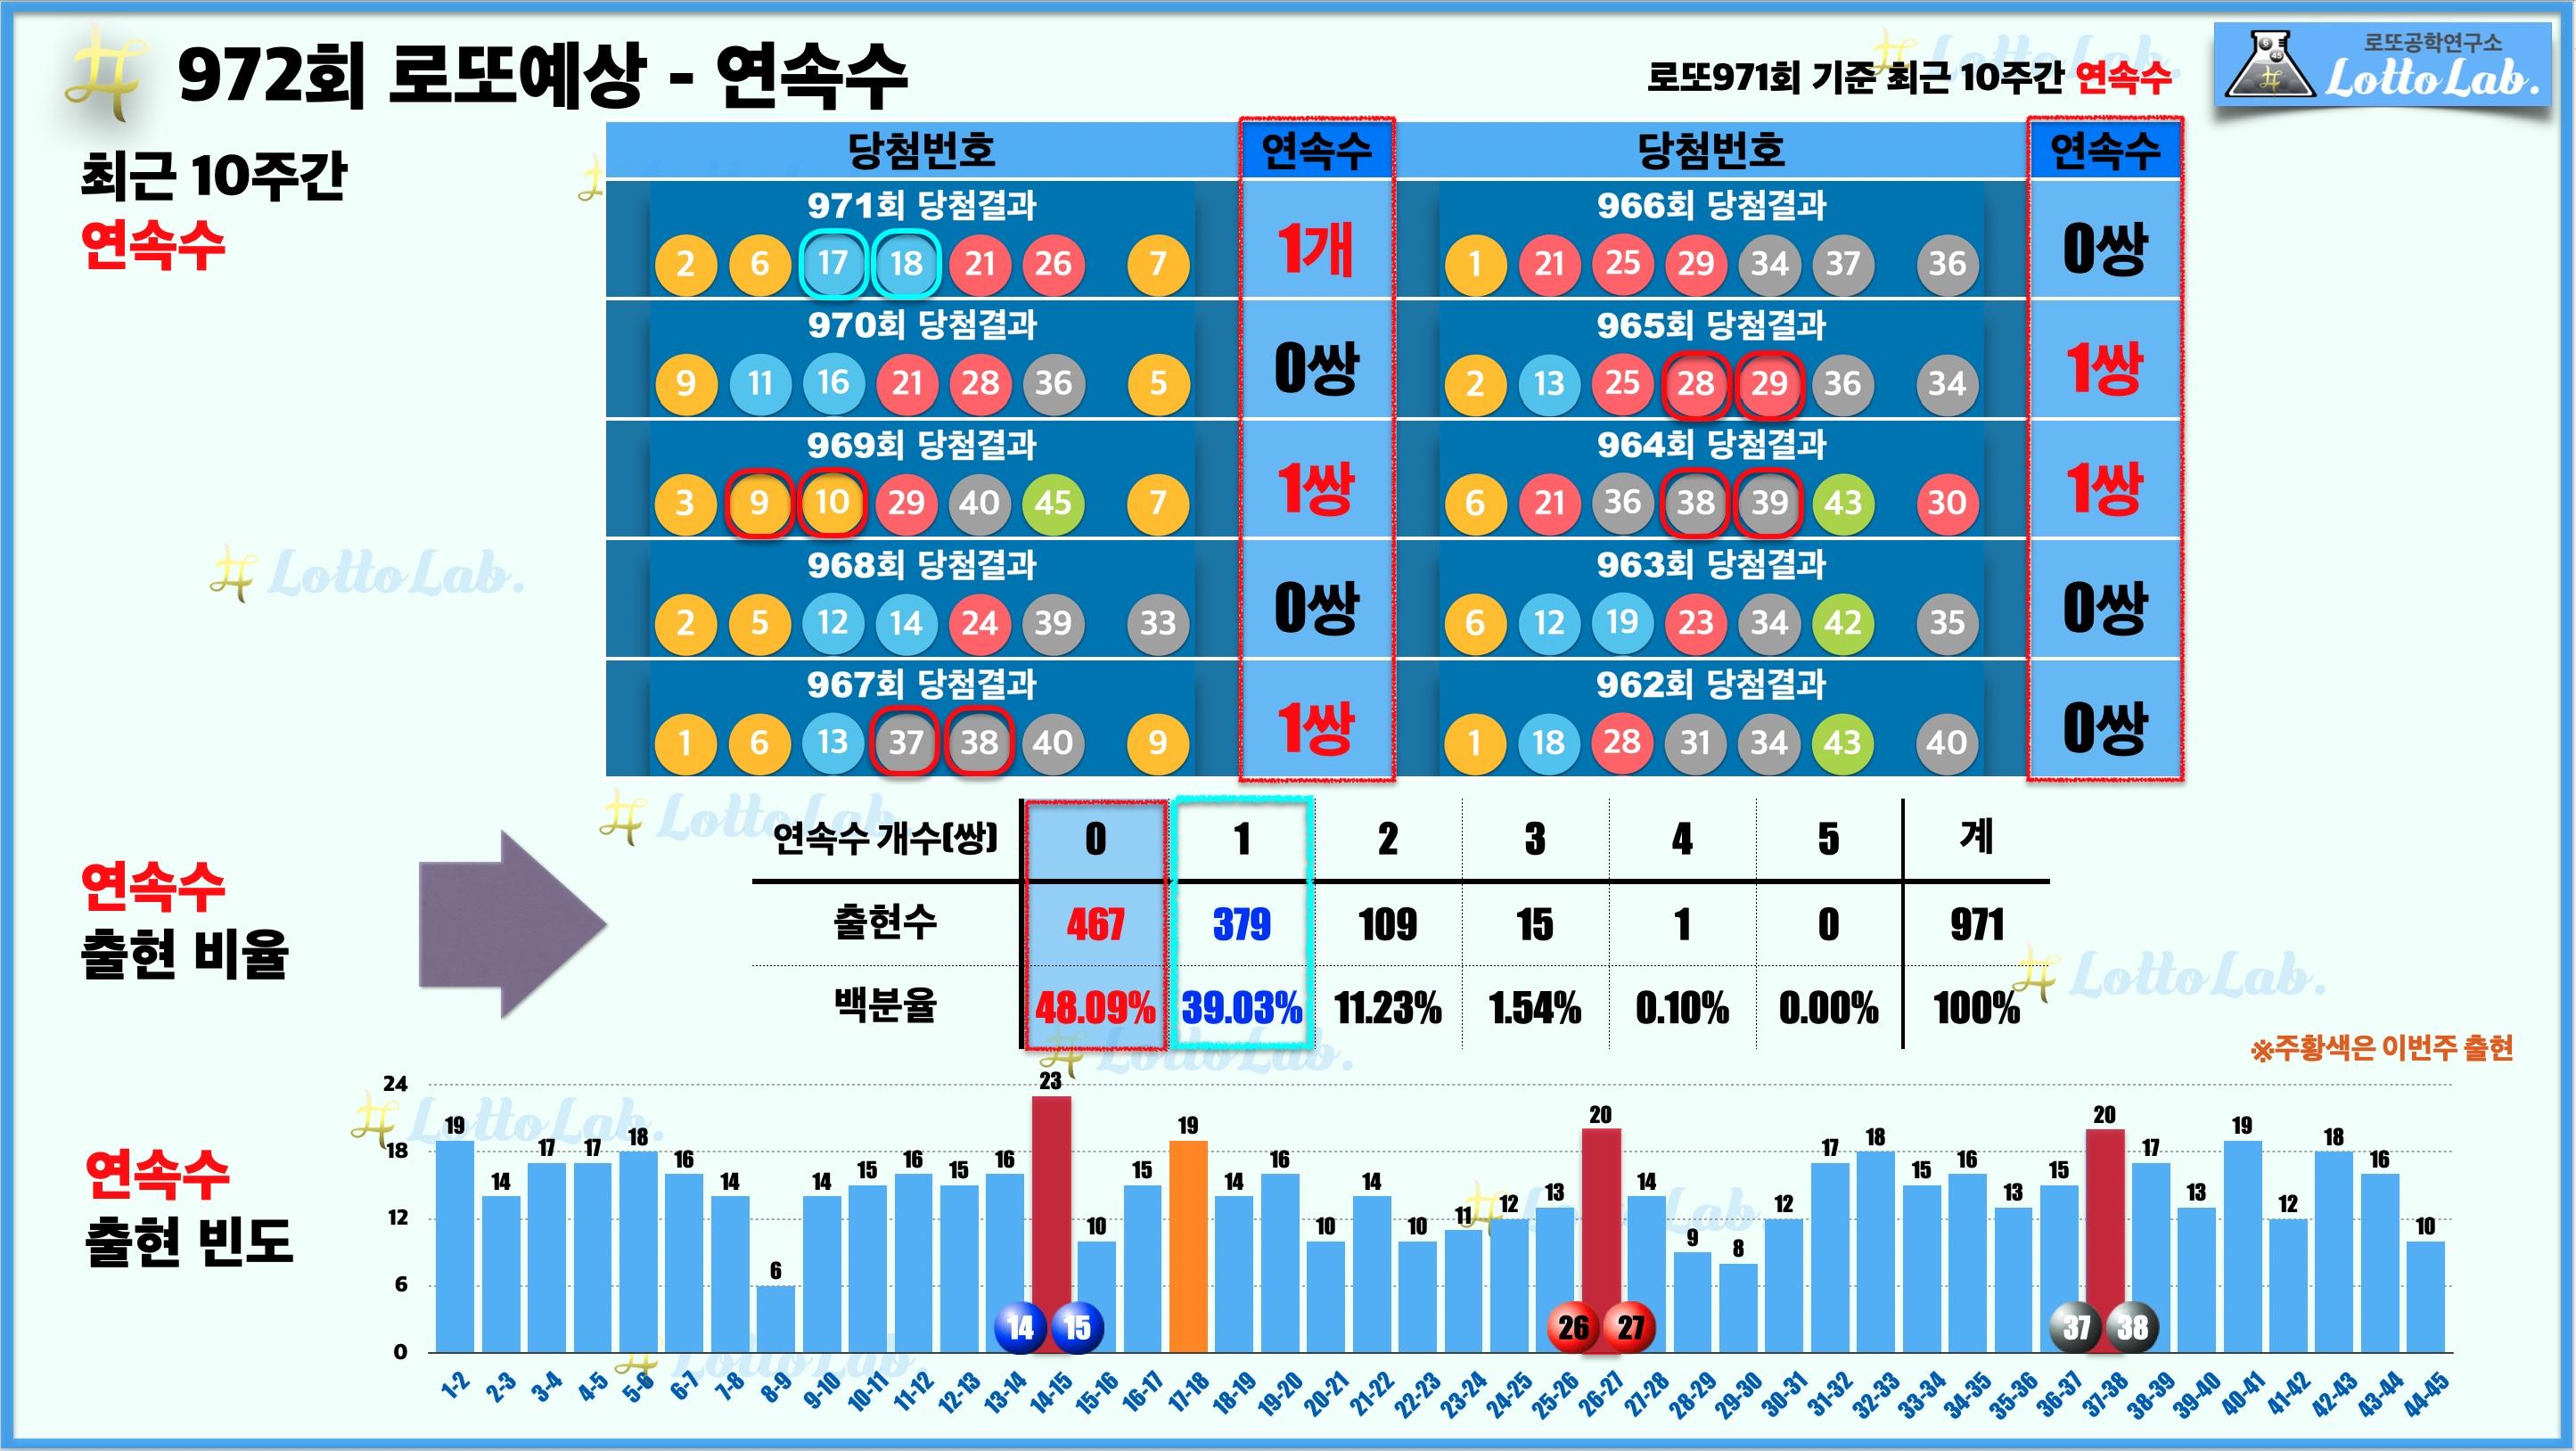 로또랩 로또972 당첨 번호 예상 연속수